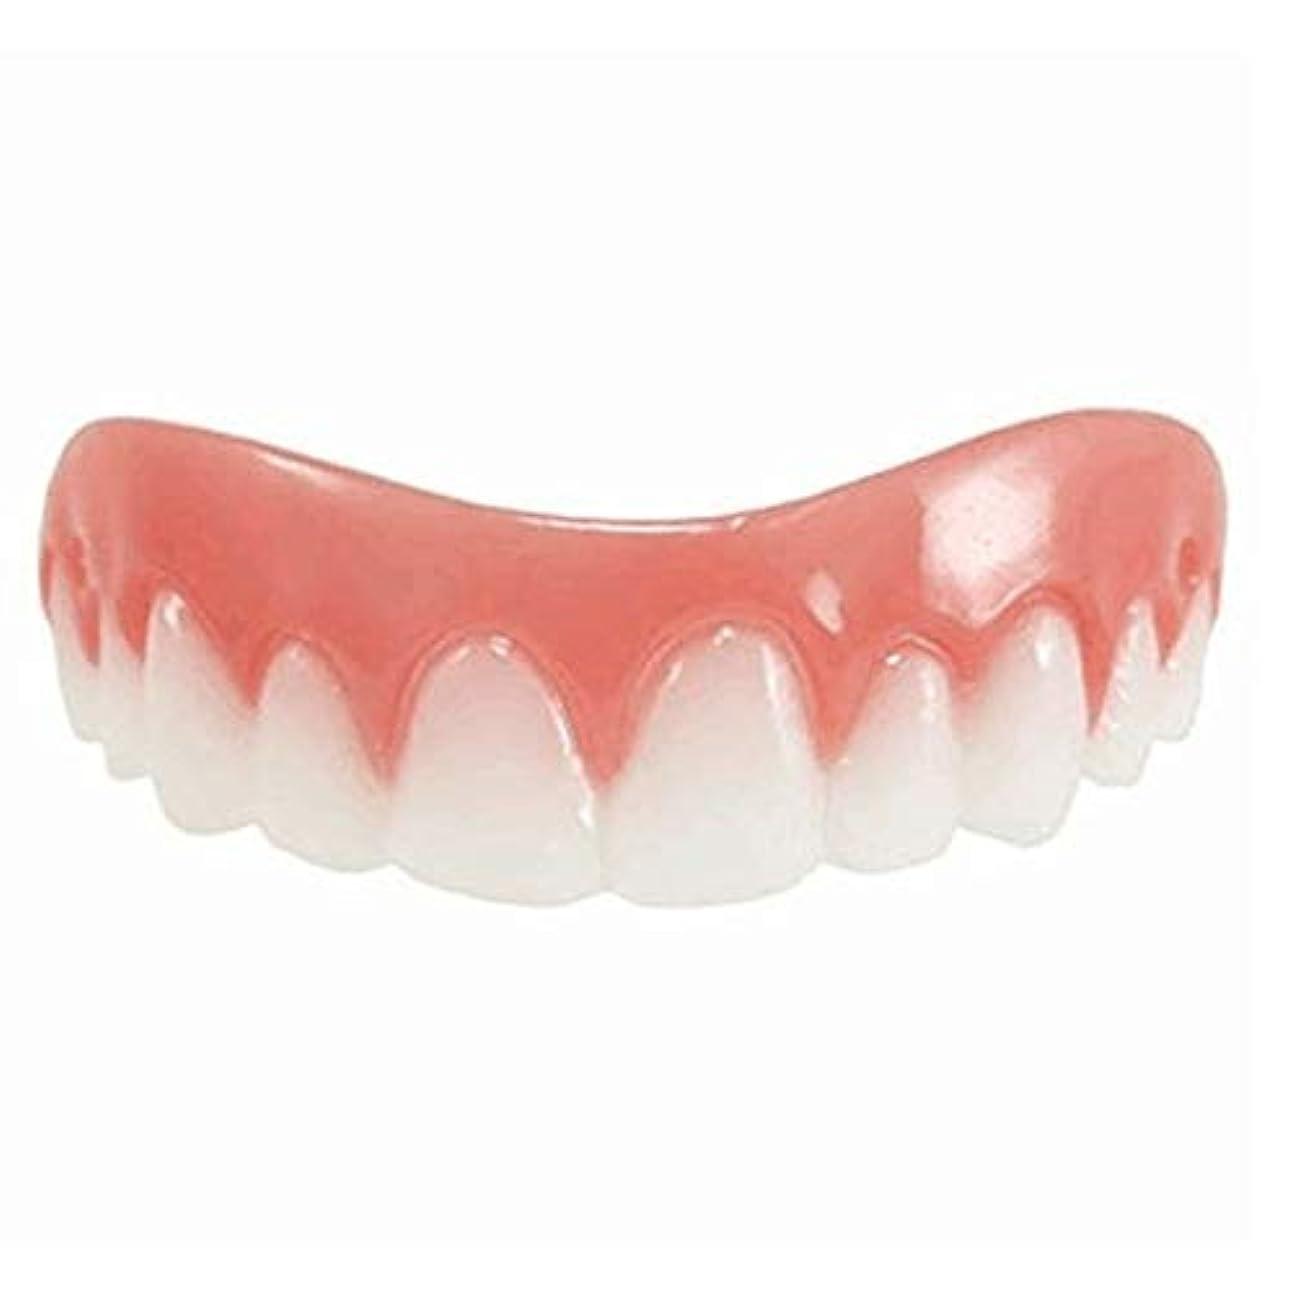 渦統合するに変わるシリコーンシミュレーション義歯、歯科用ベニヤホワイトトゥースセット(2個),A